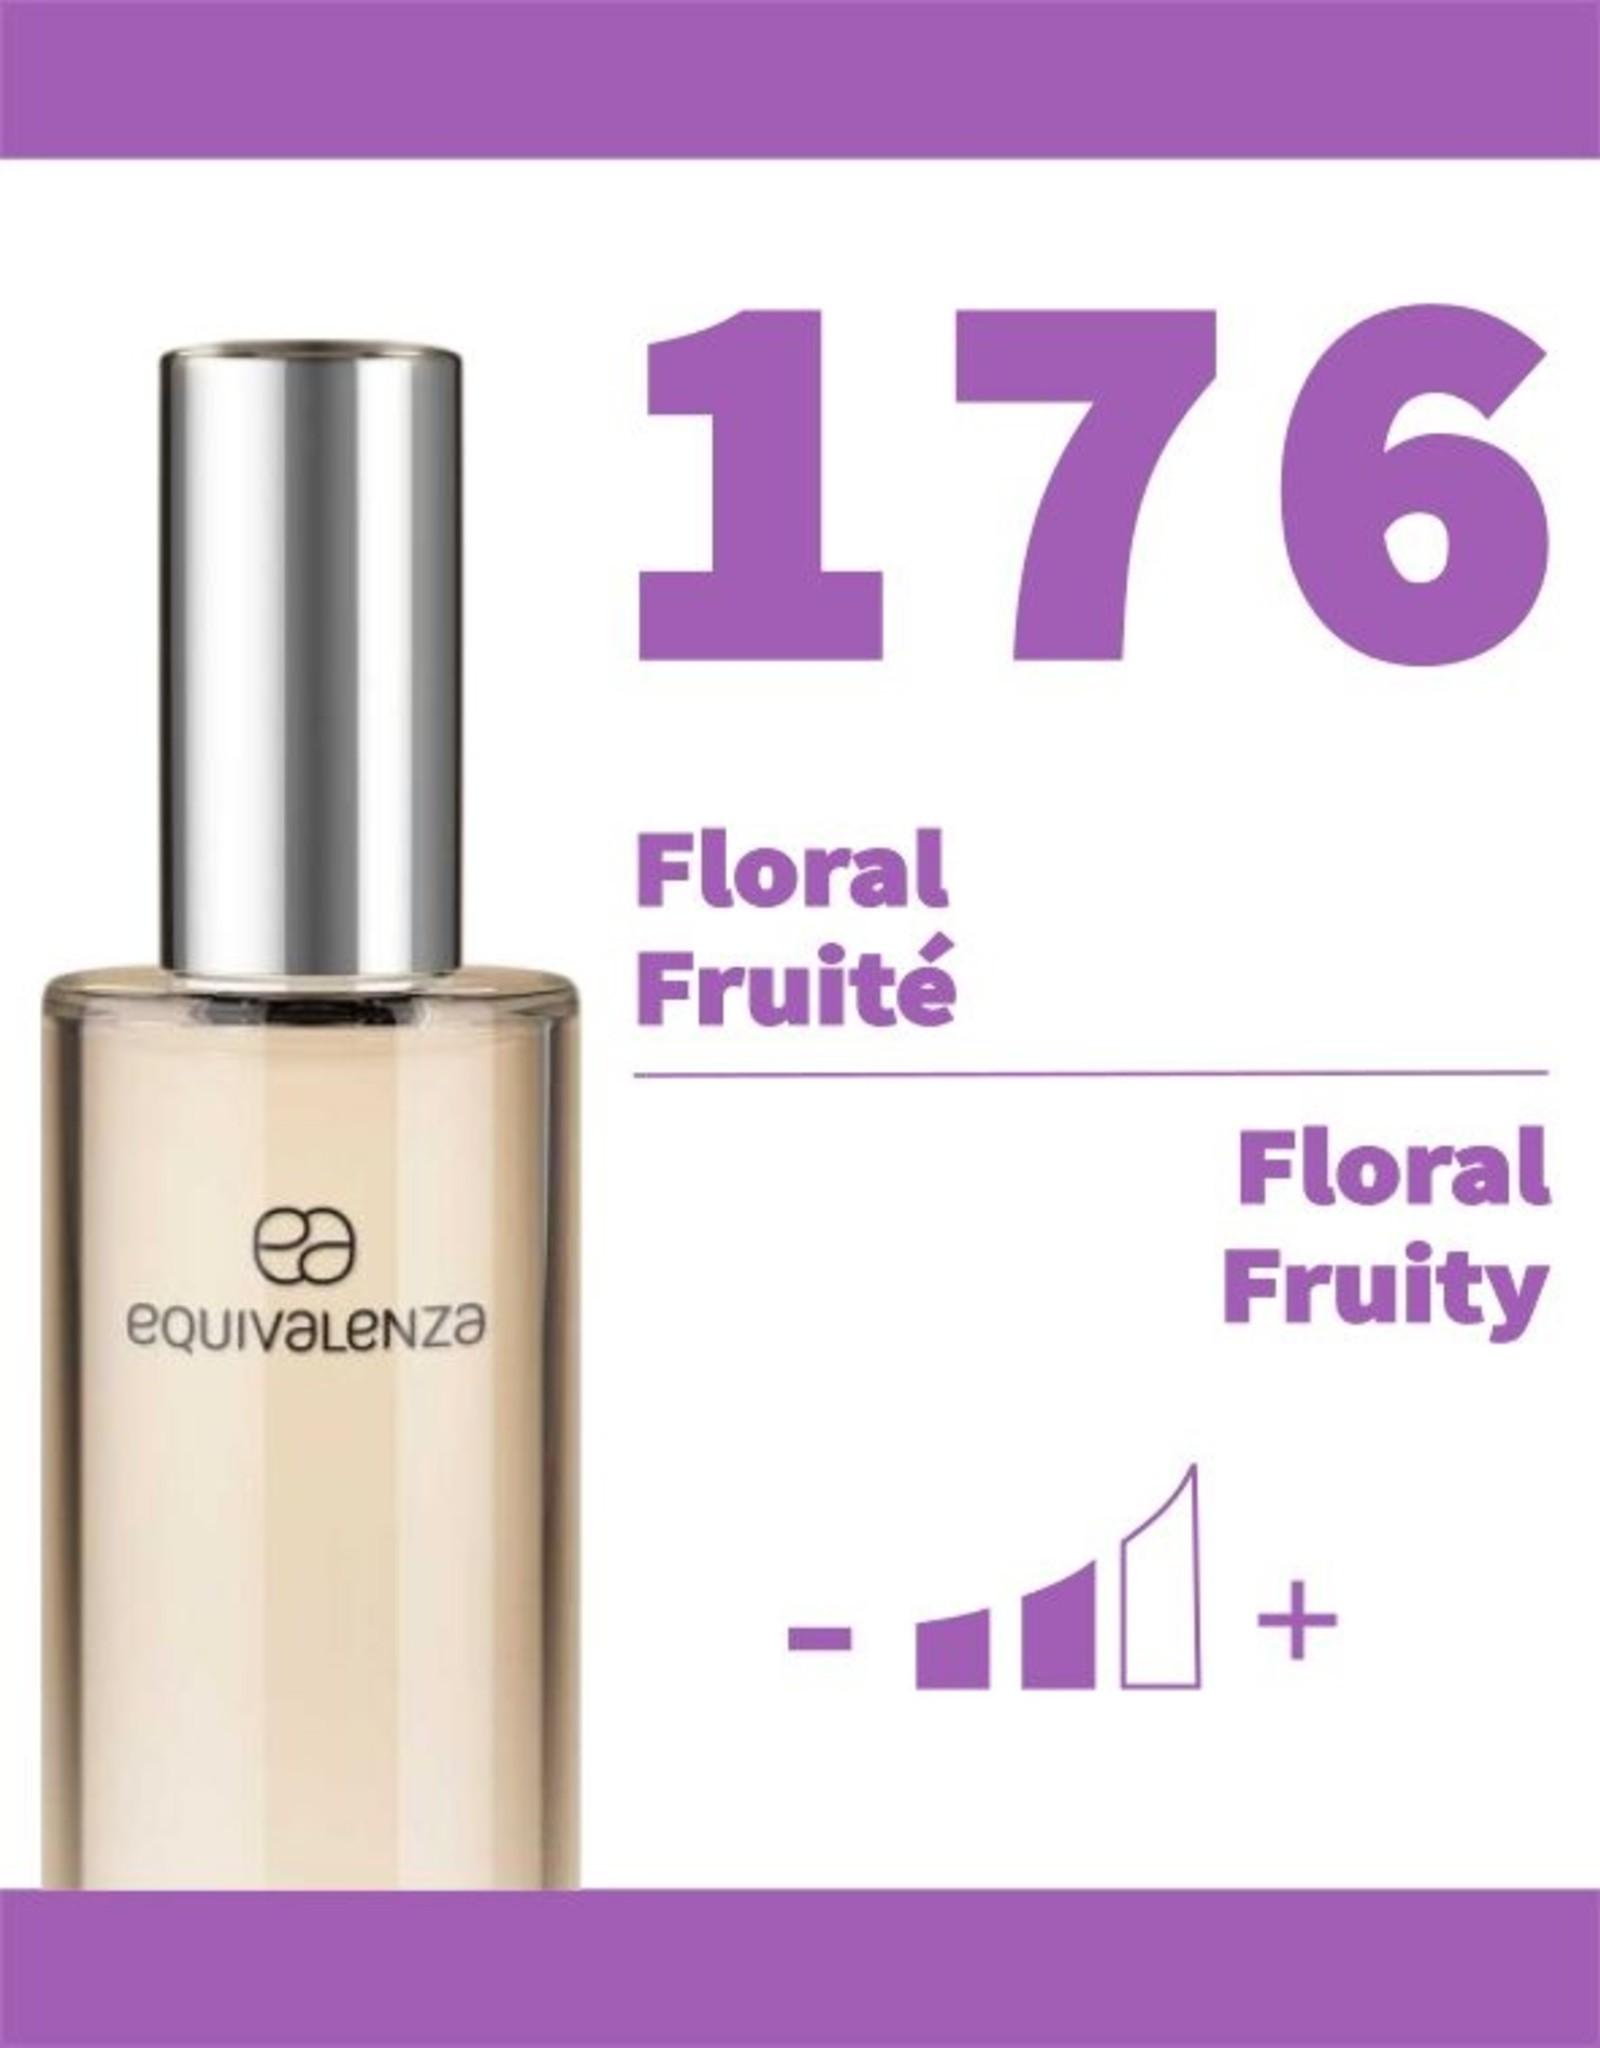 Equivalenza Eau de Toilette Floral Fruity 176